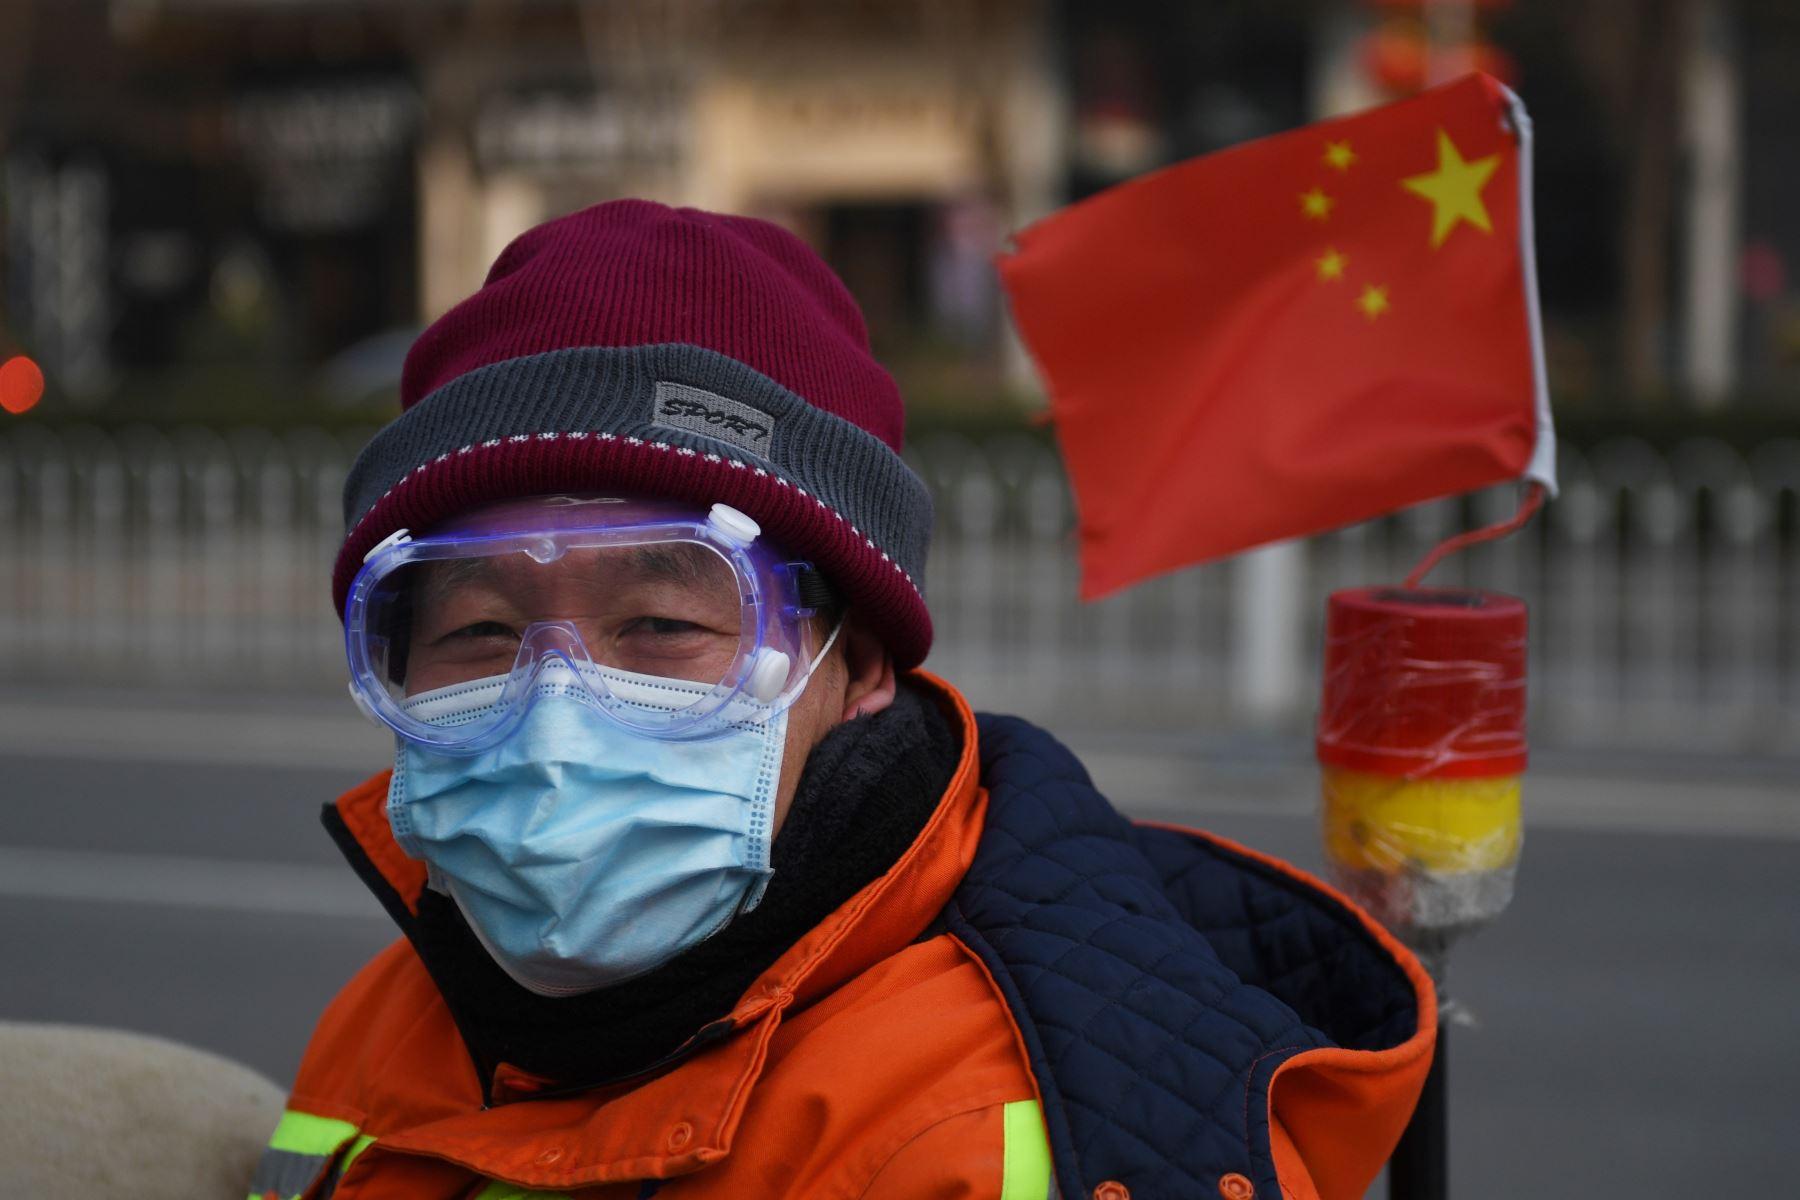 """El número de muertos por un nuevo brote de coronavirus aumentó a más de 1,000  cuando la Organización Mundial de la Salud (OMS) advirtió que las personas infectadas que  han viajado de China podrían ser la chispa para un """"fuego más grande"""". AFP"""